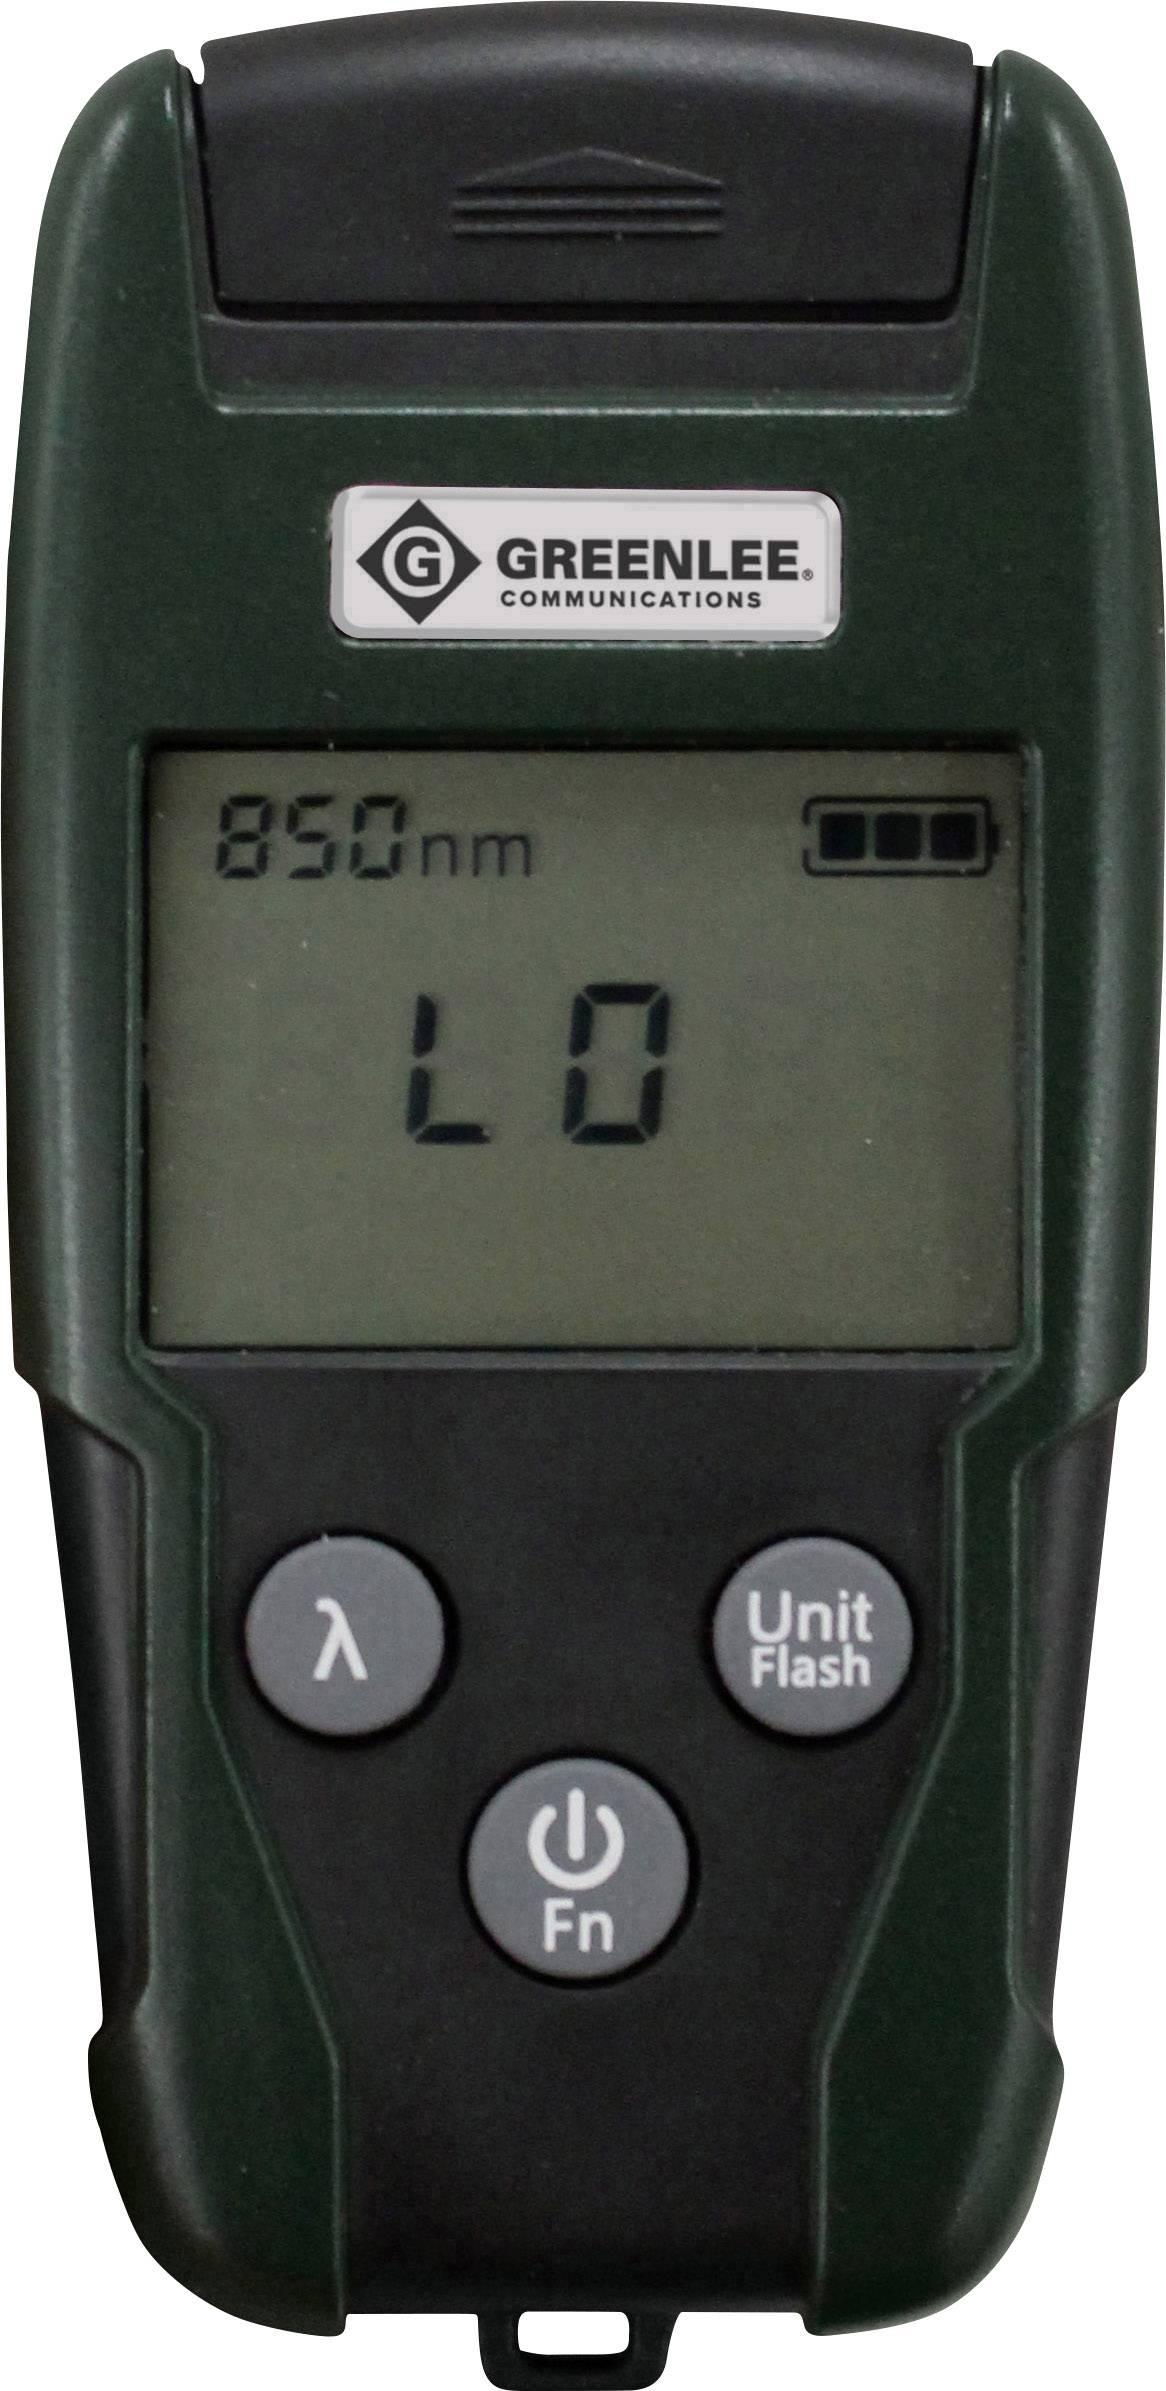 Tester per fibra ottica Greenlee GOPM-02 Rete, Telecomunicazione